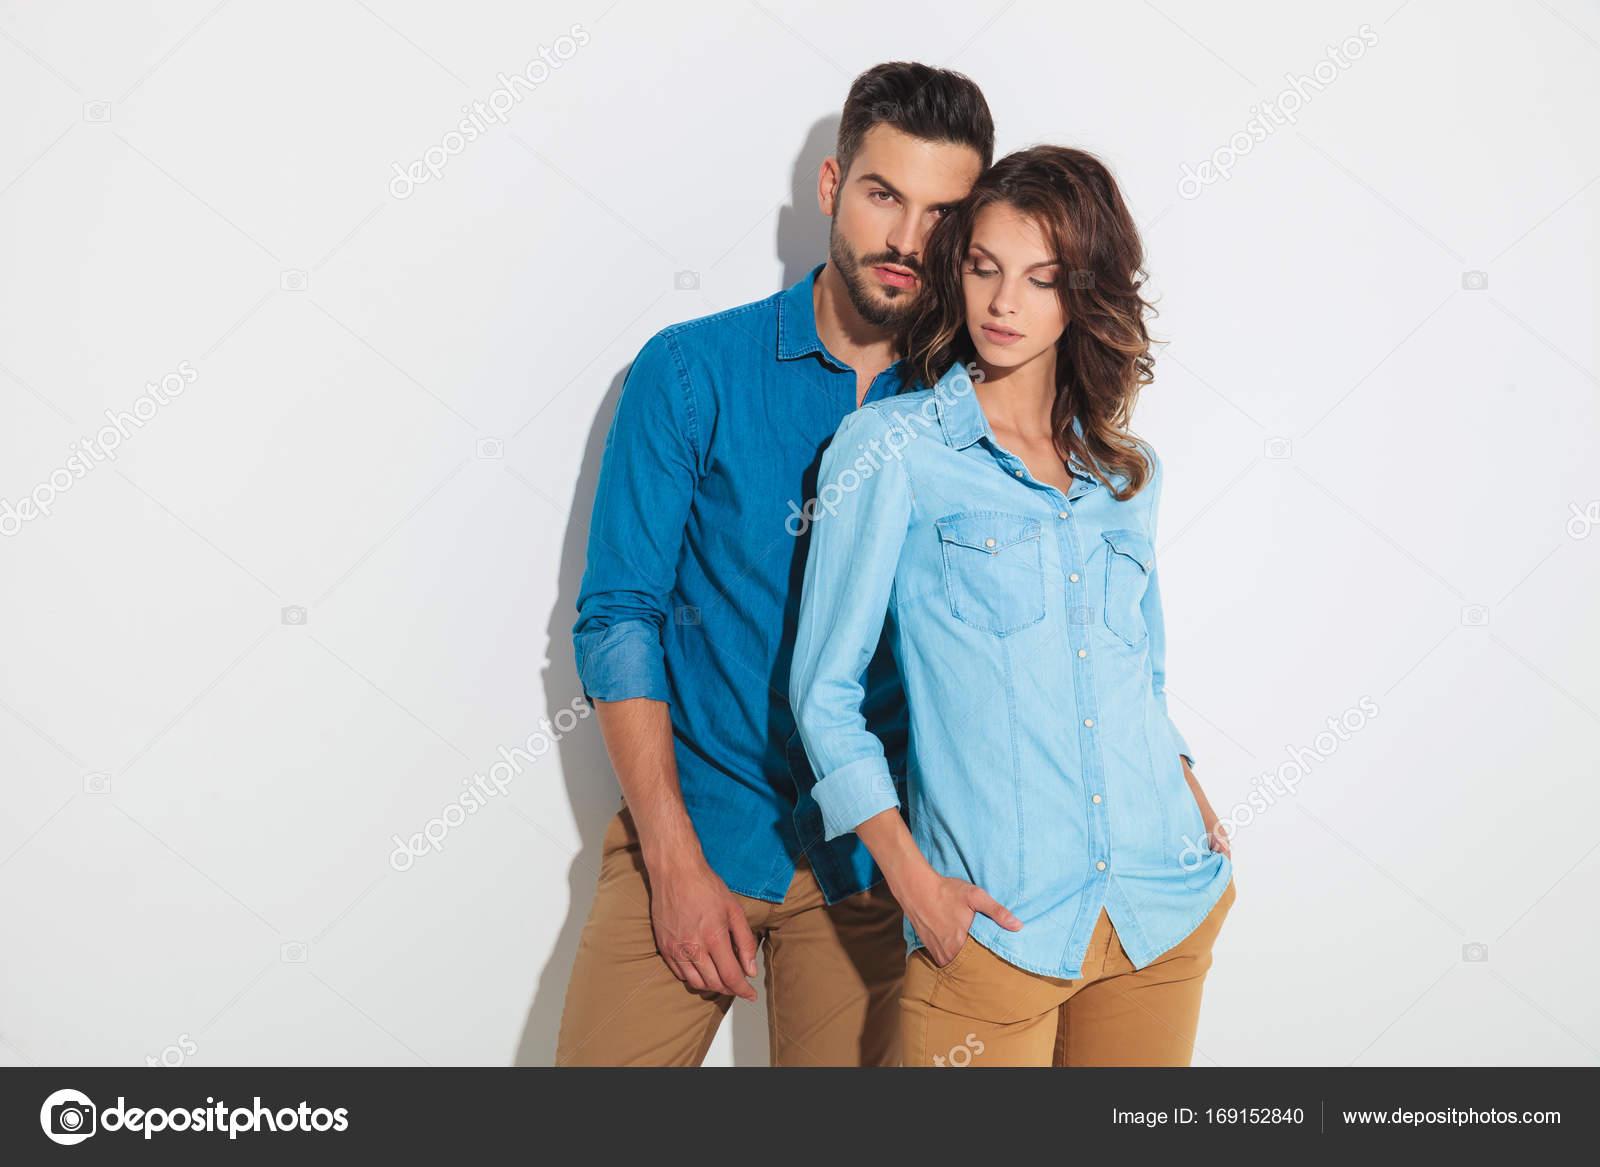 Τι σημαίνει ο όρος περιστασιακή dating